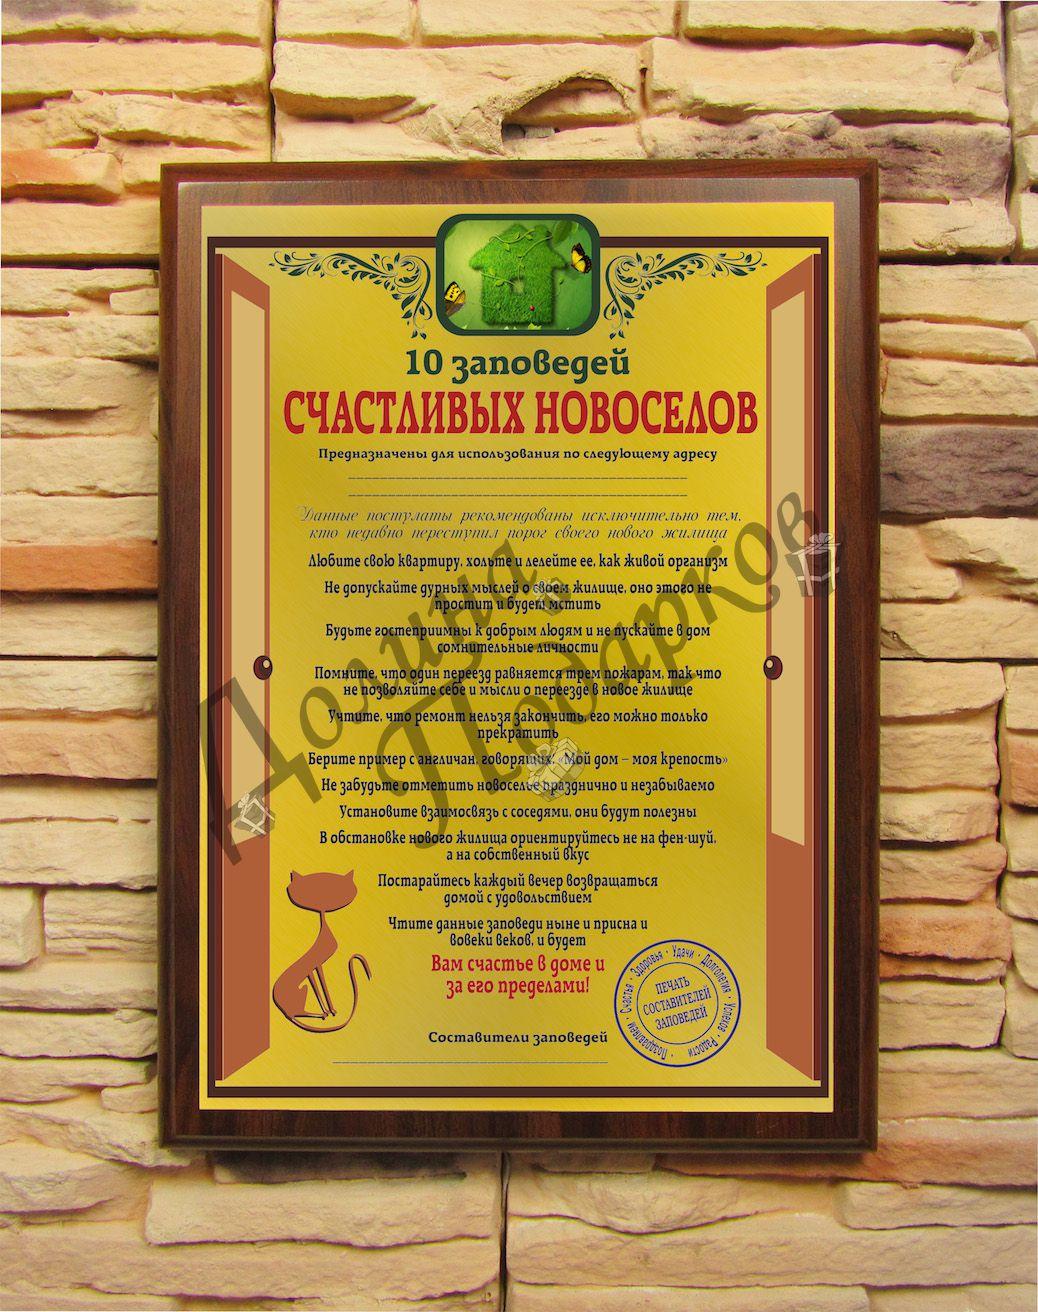 Подарочный диплом (плакетка) *10 заповедей счастливых новоселов*